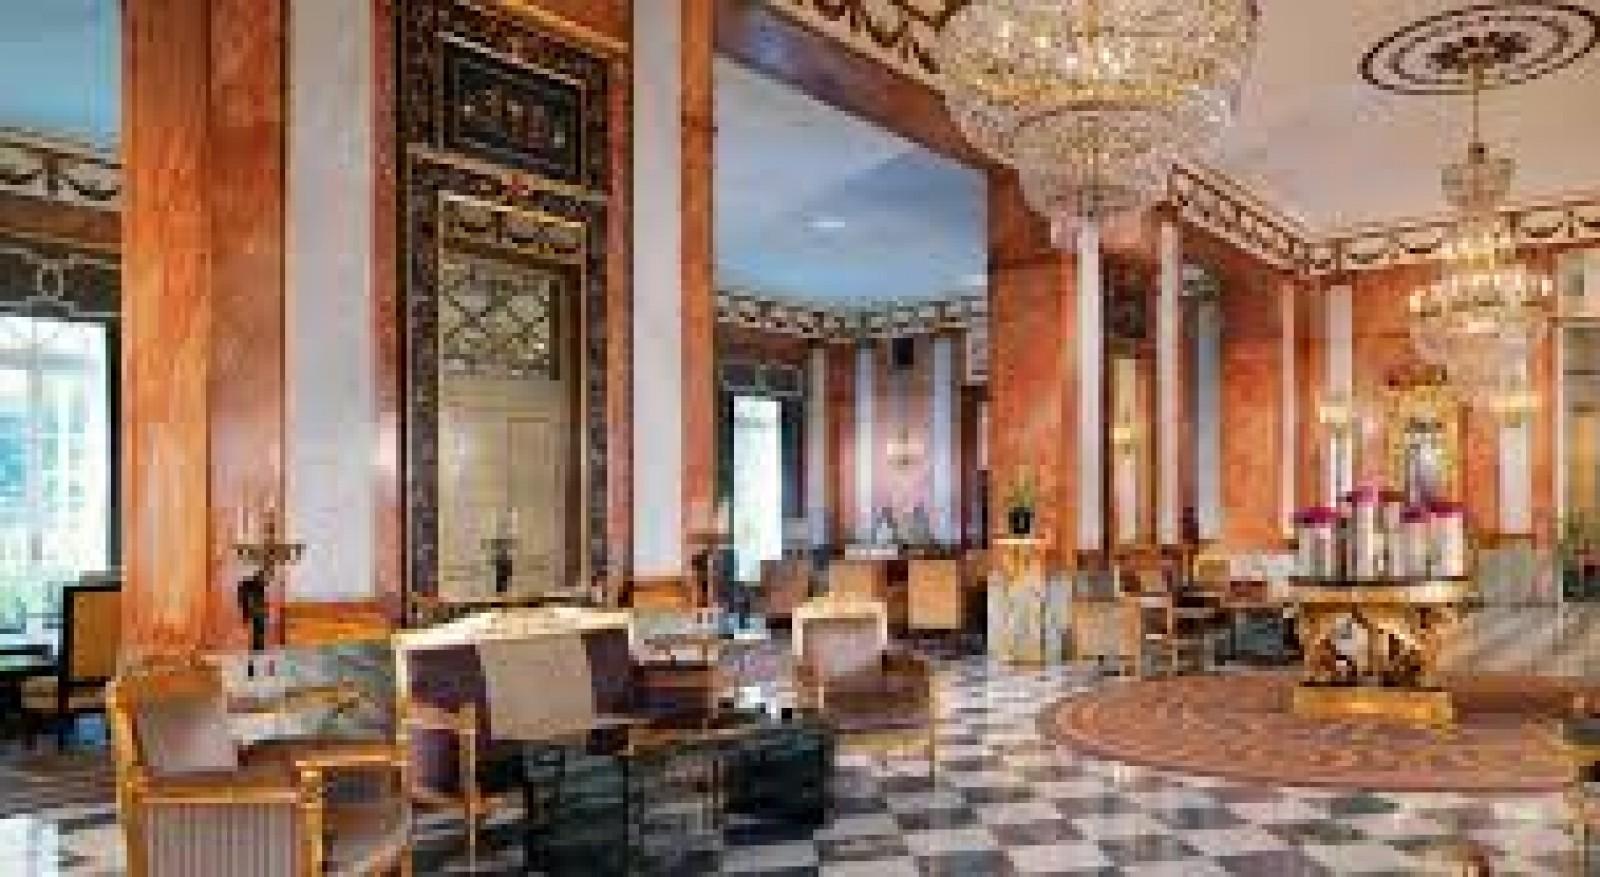 Gallery - Gemellaggio con il Rotary Club Madrid Decano dell'Europa Continentale.